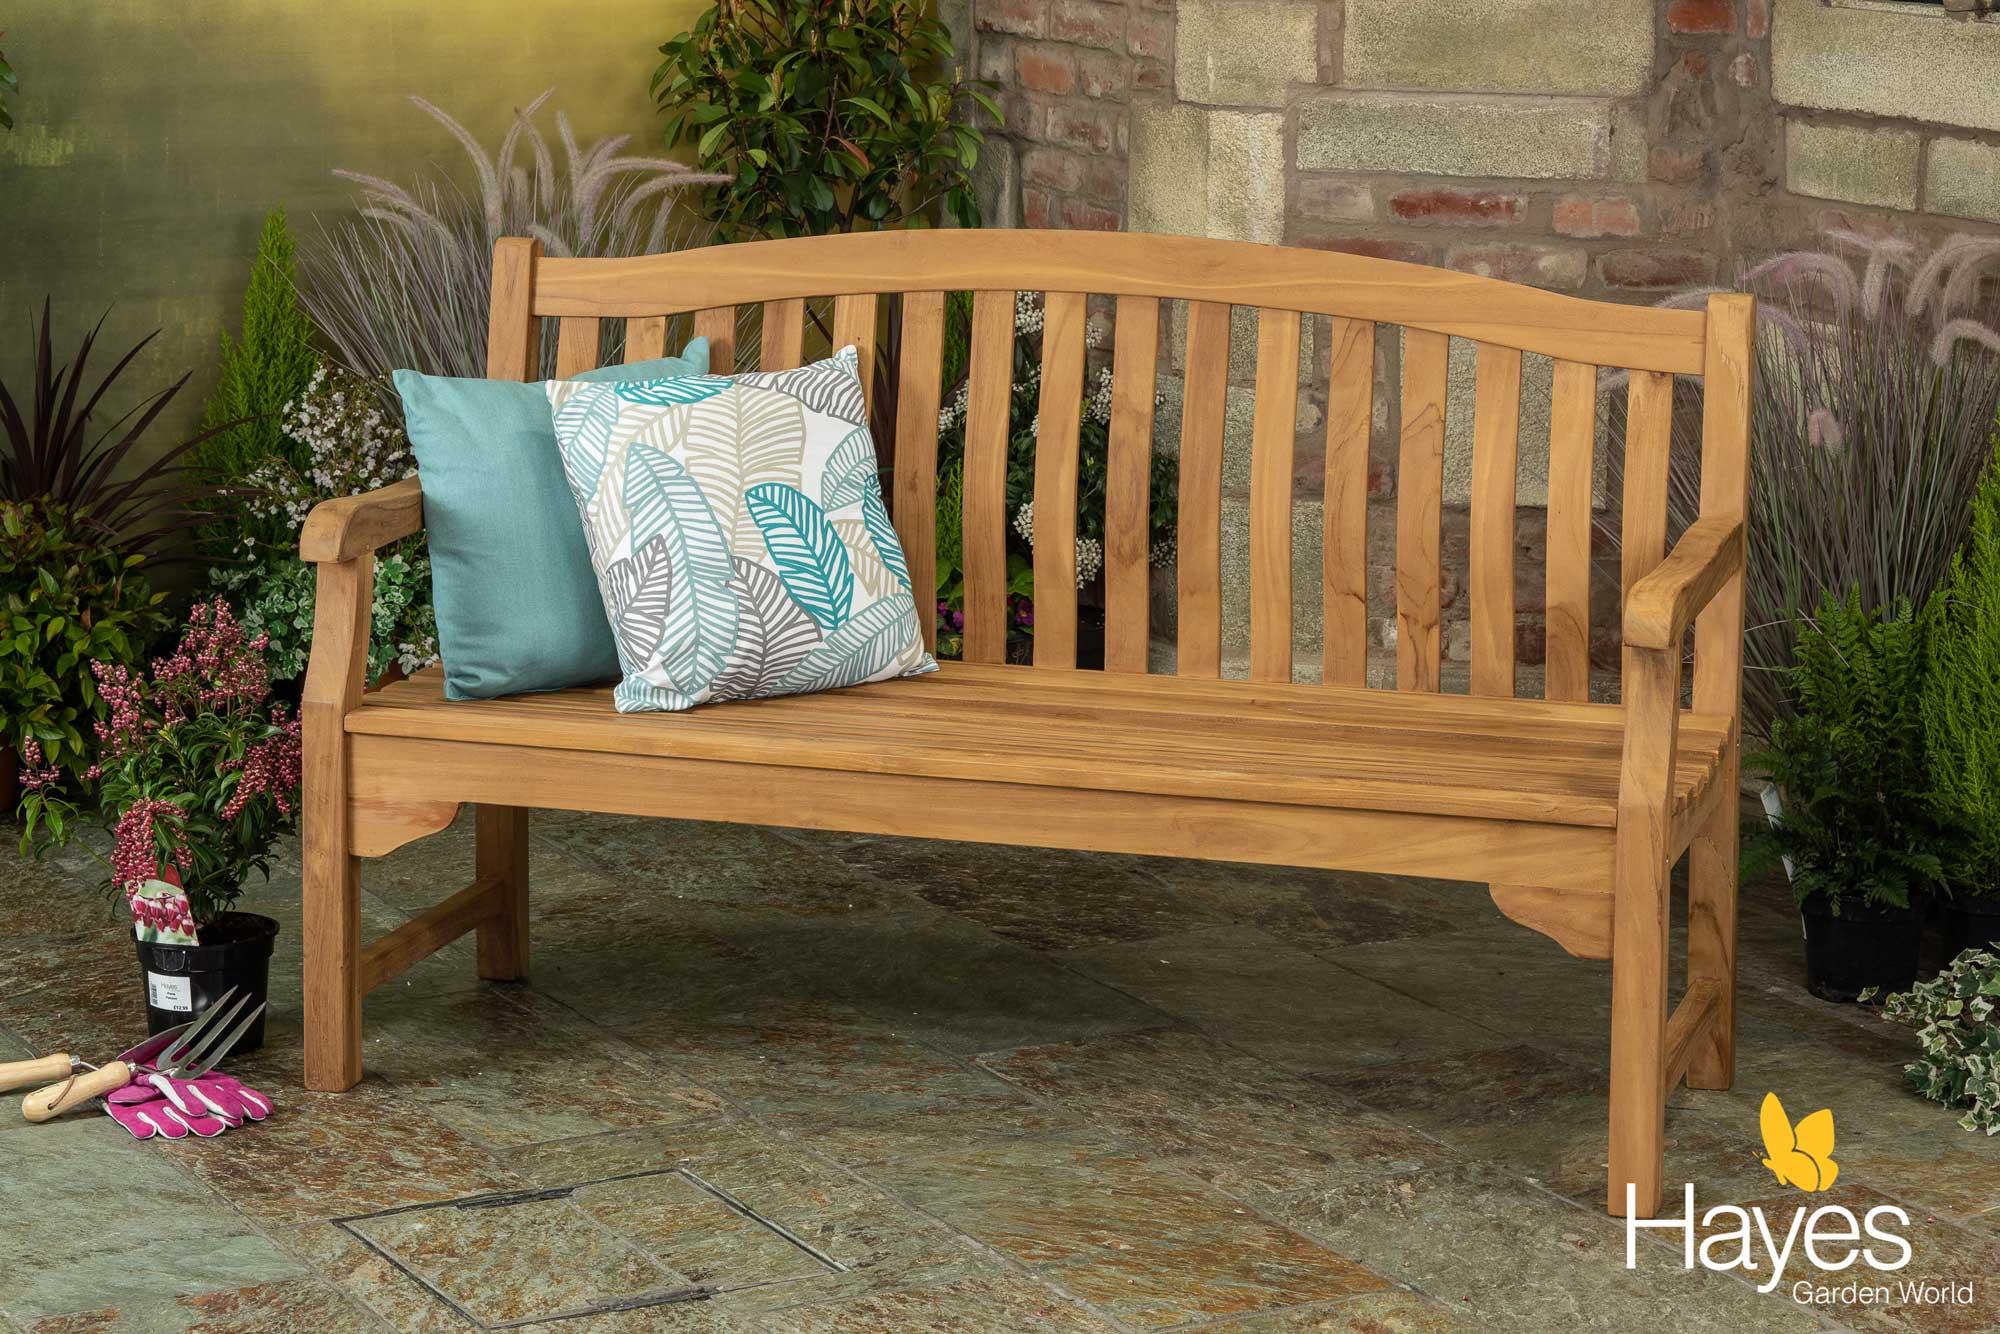 5ft solid teak kingsbury garden bench